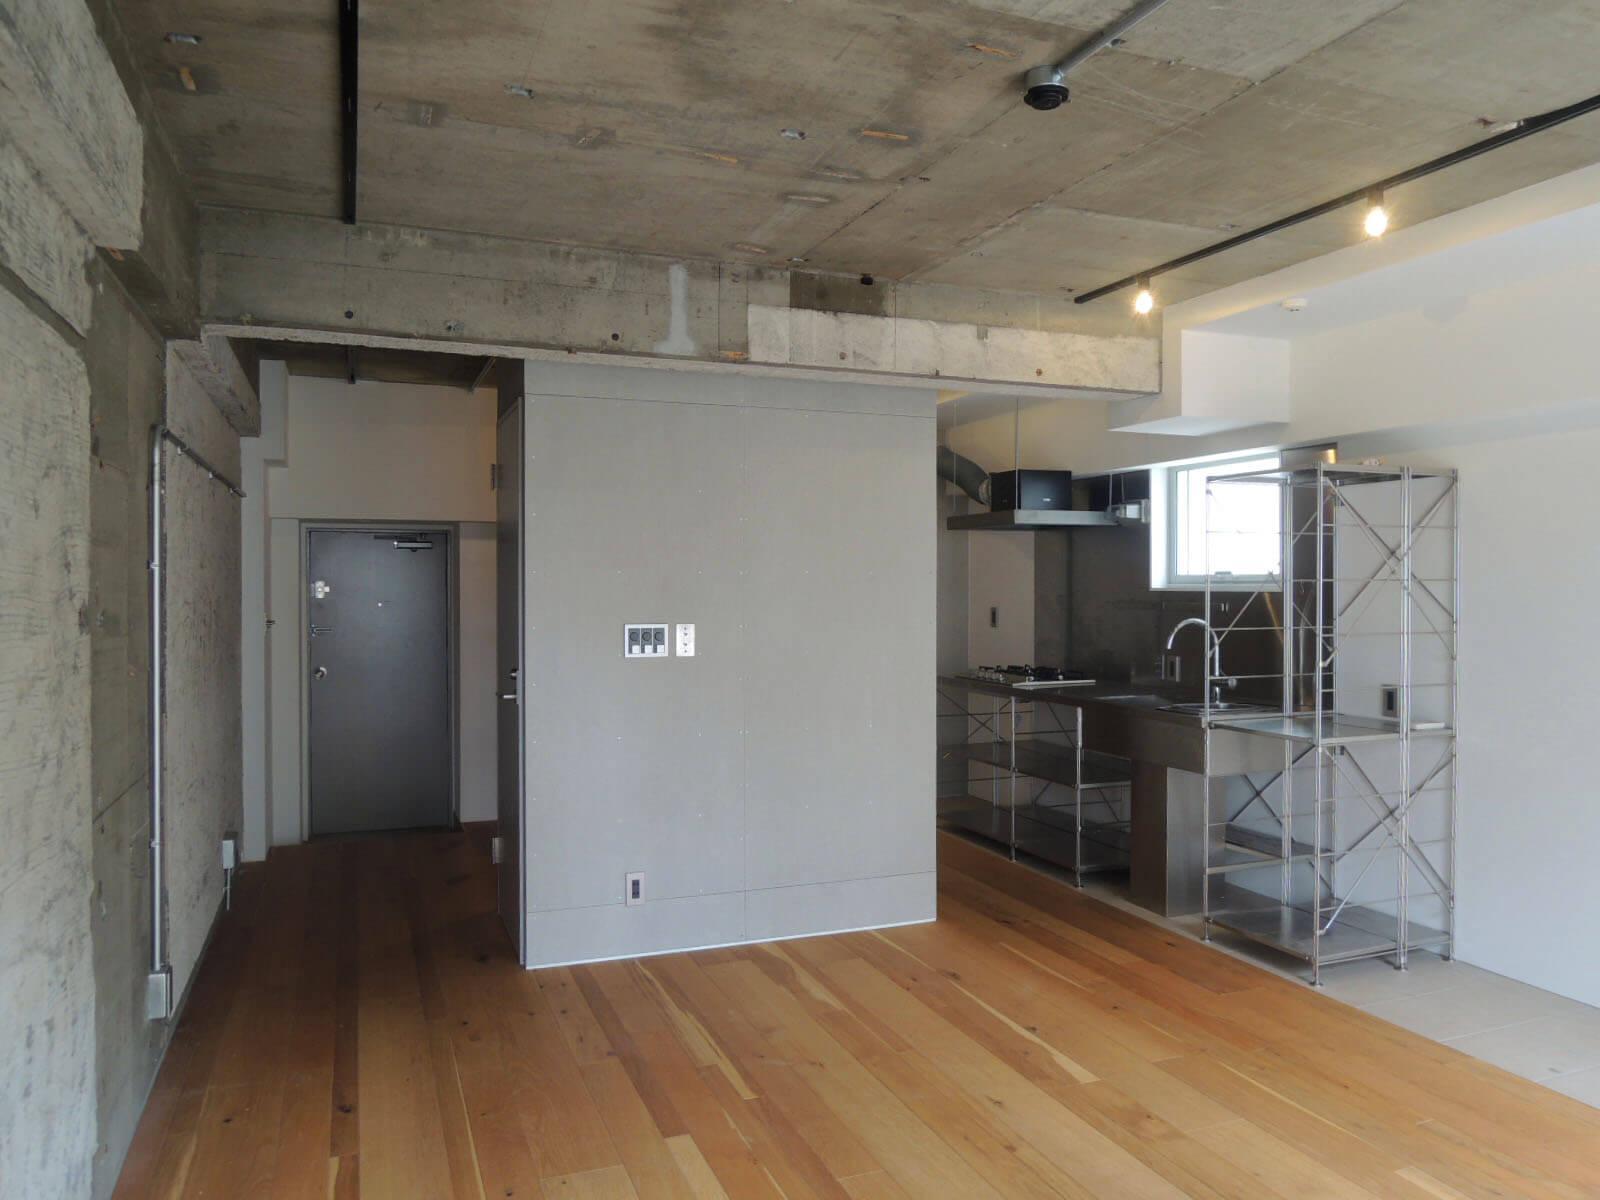 【家】真ん中の箱はトイレ、左奥が玄関、コンクリートと白ペンキと床のバランスがいい